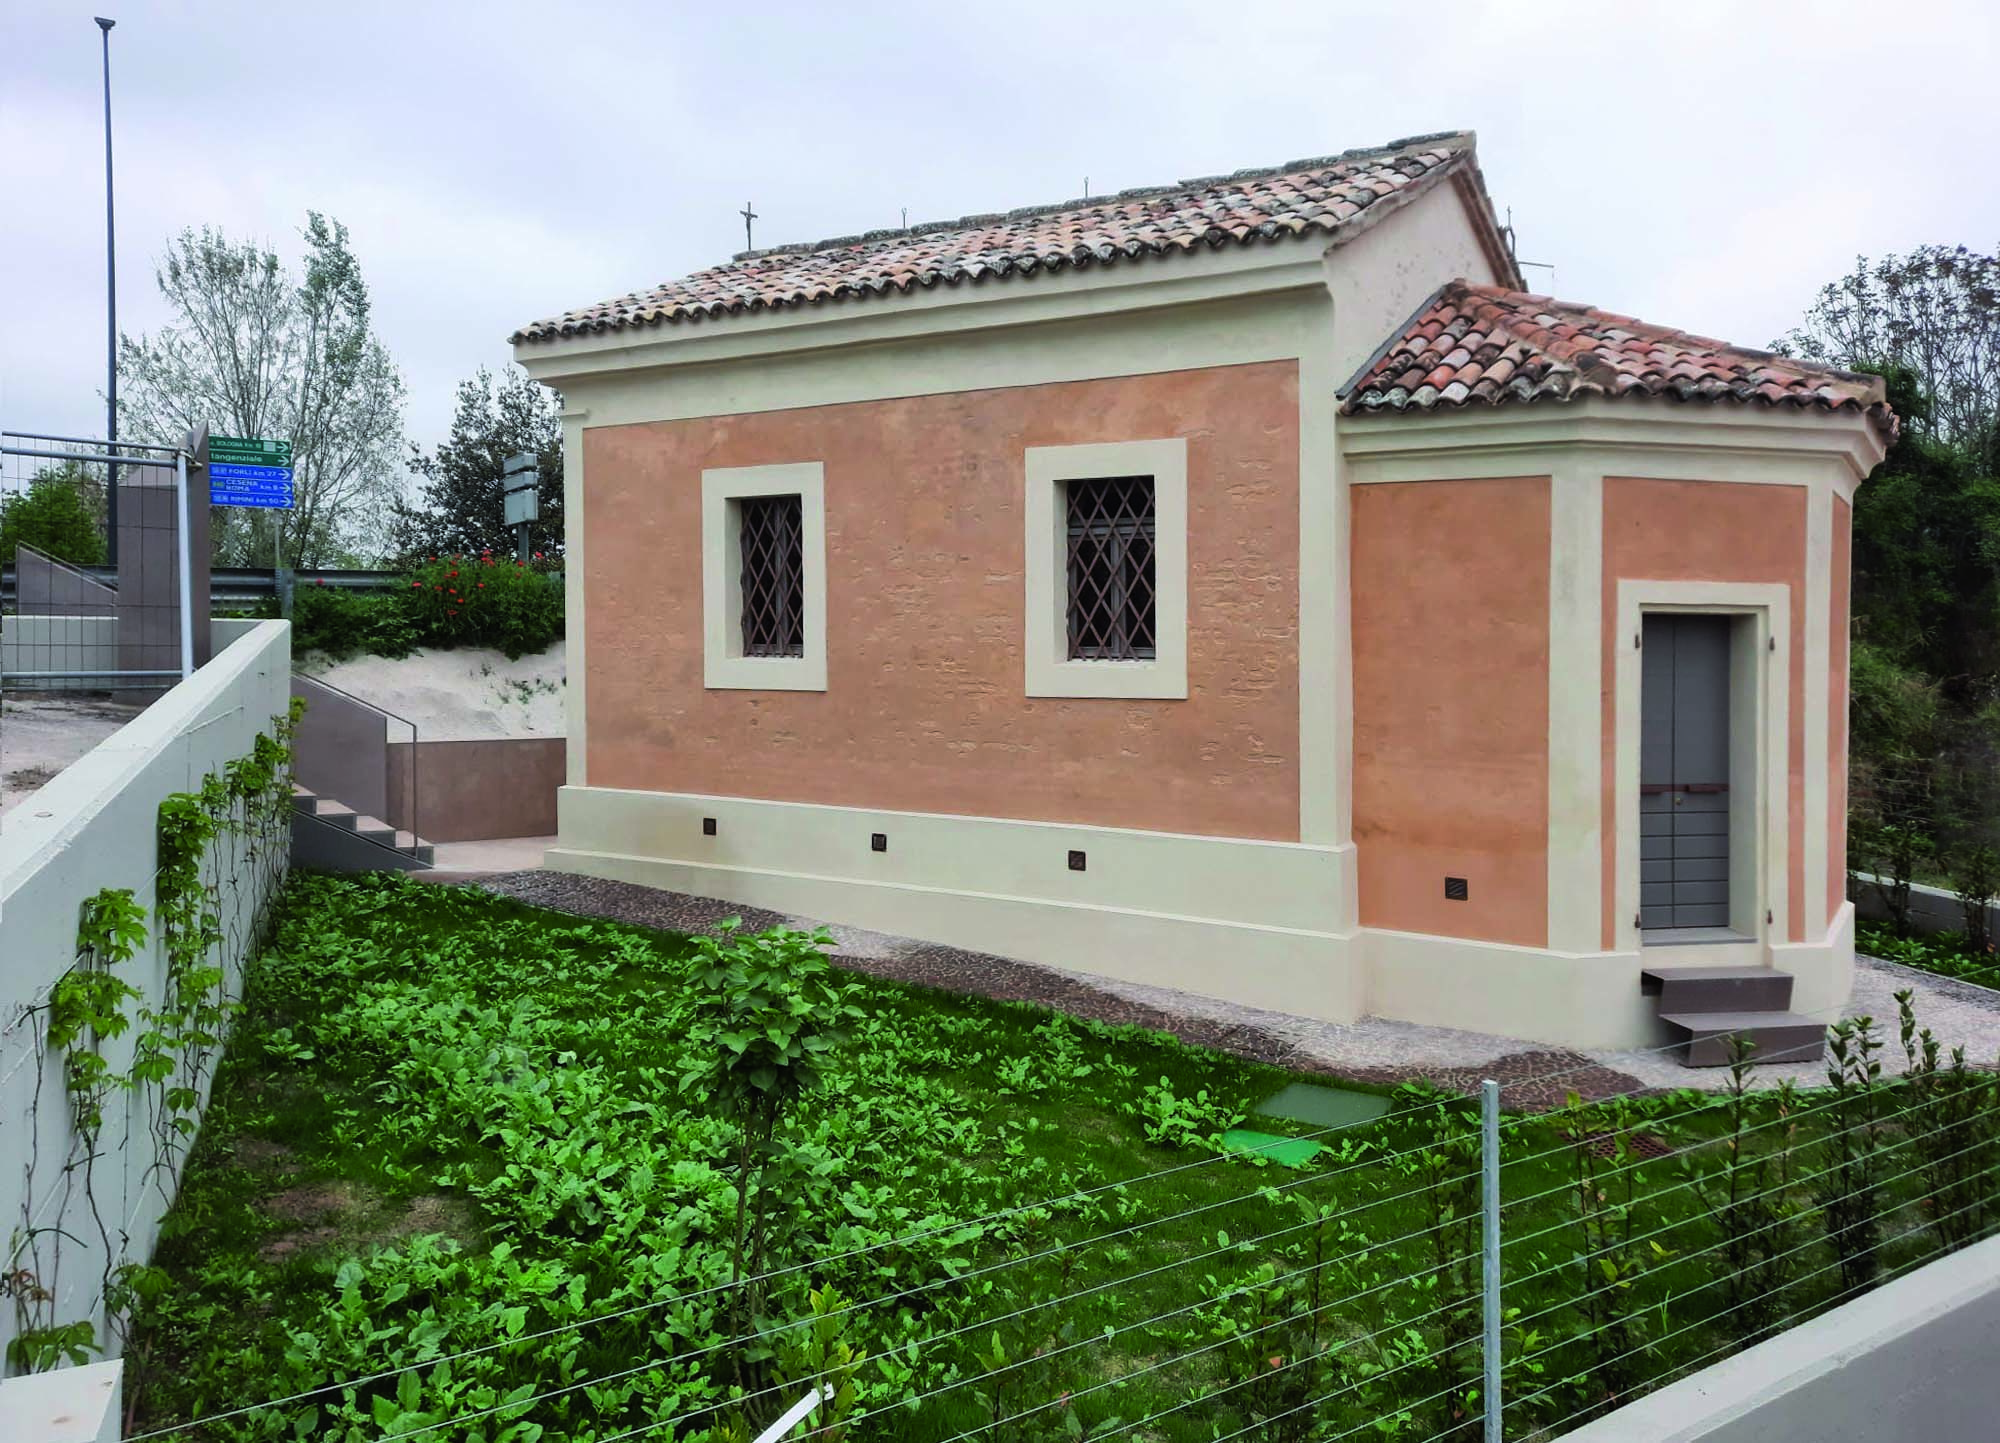 Oratorio della Madonna di Pompei a Ravenna_sistemi Mapei per il risanamento e il restauro conservativo